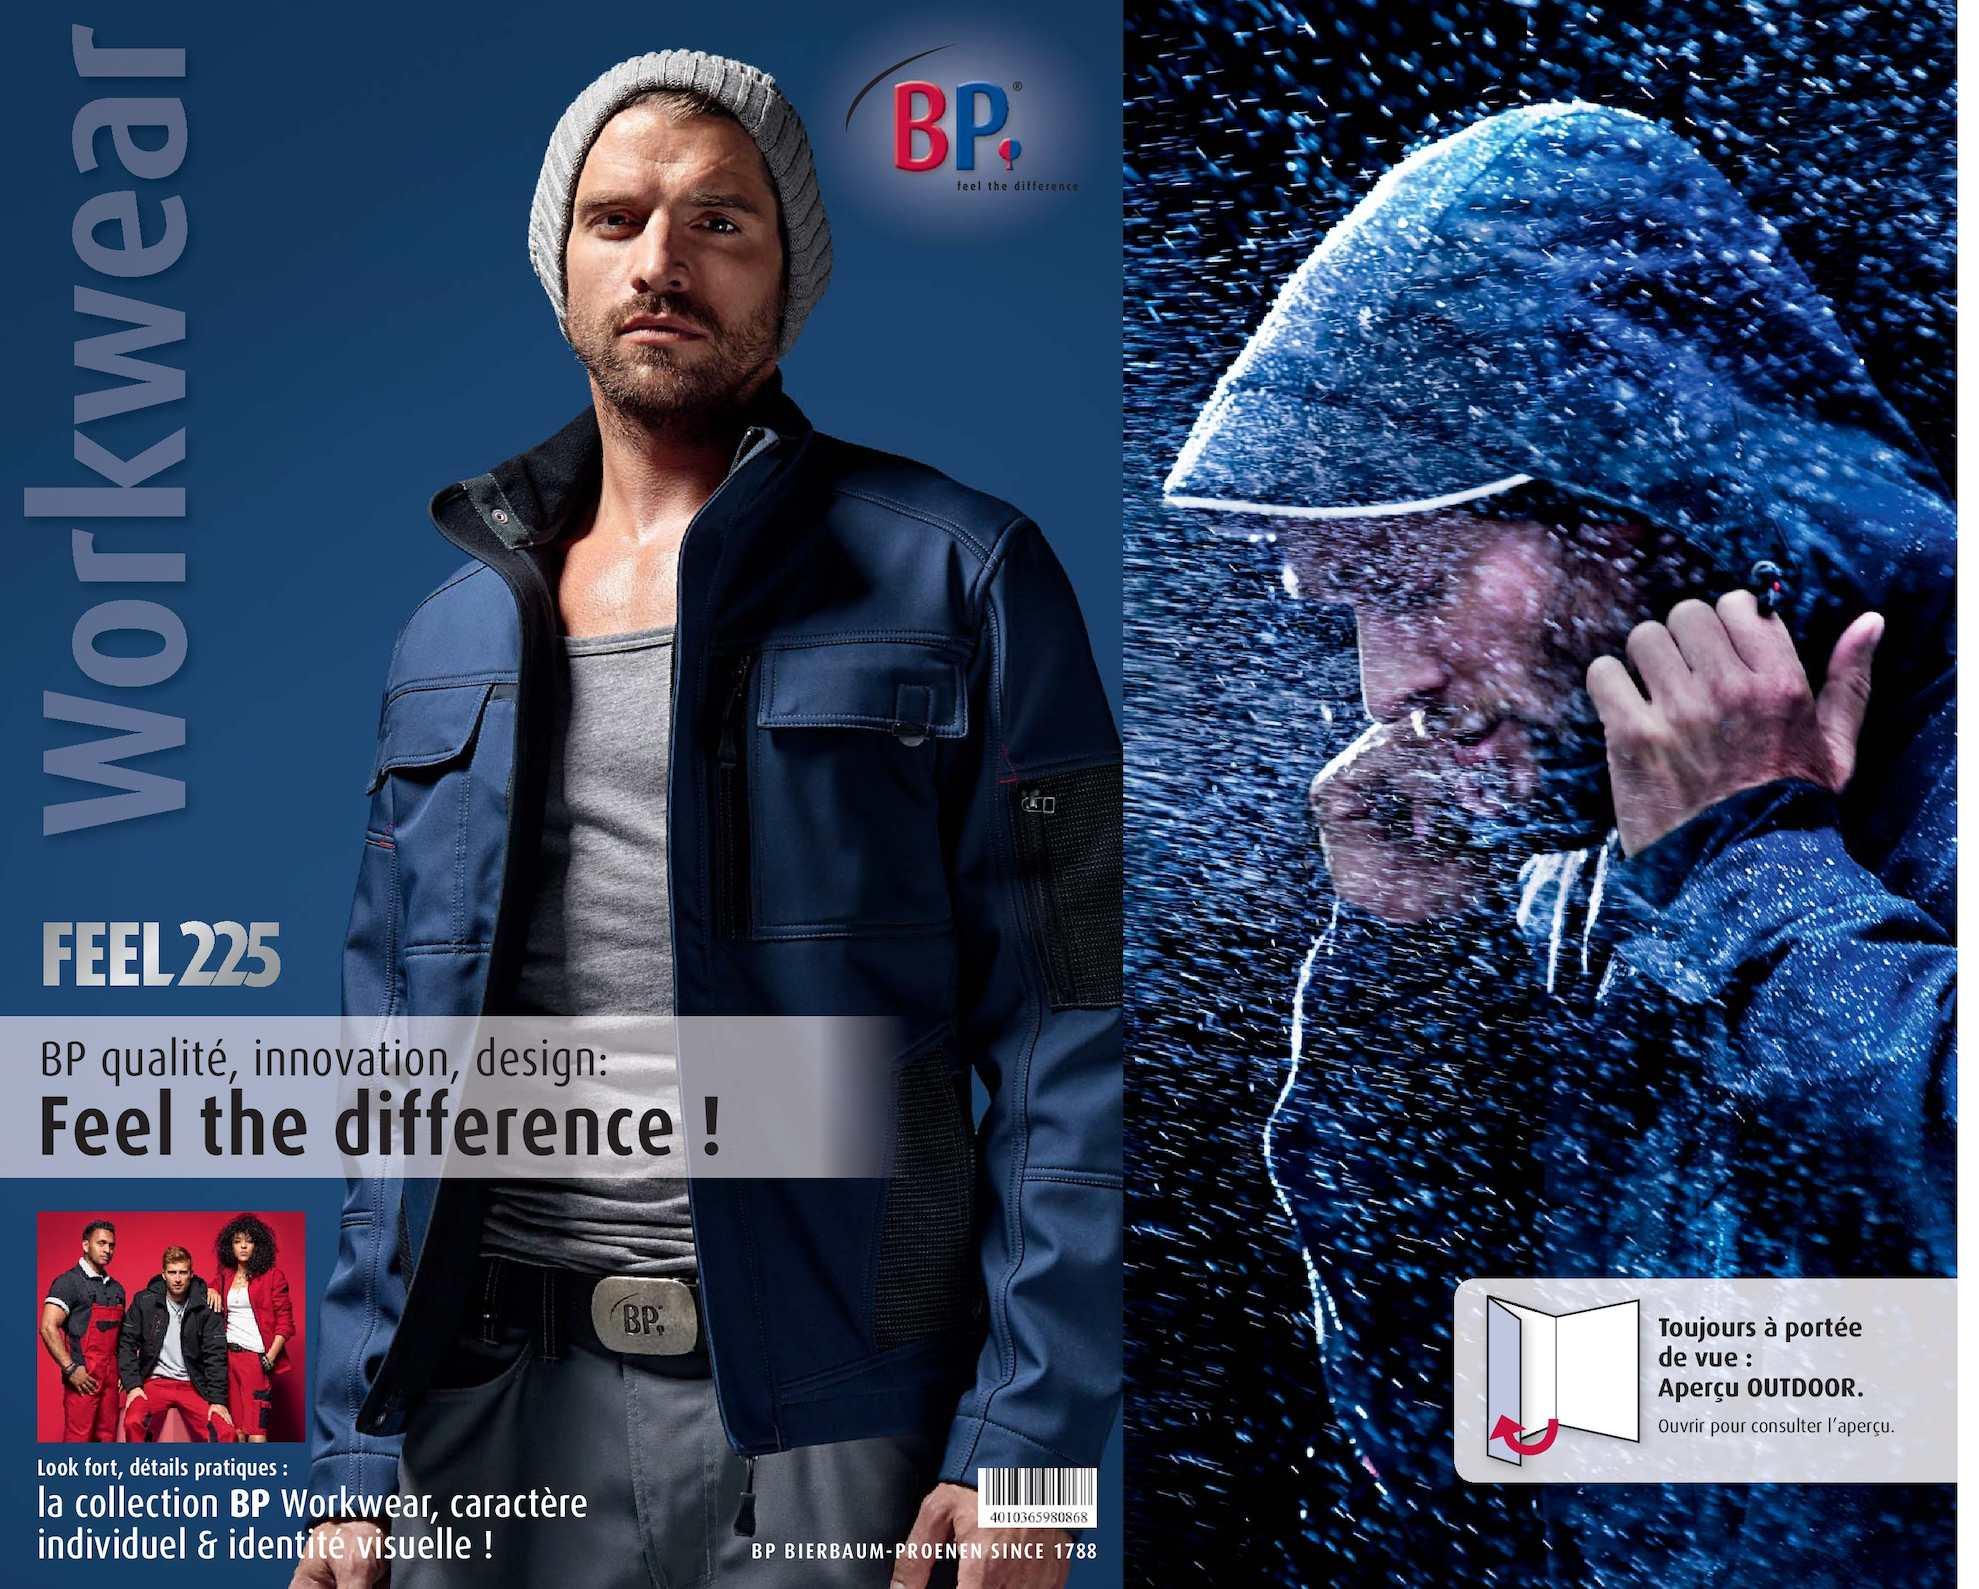 Calaméo - Catalogue BP Workwear b4cff3c01c55